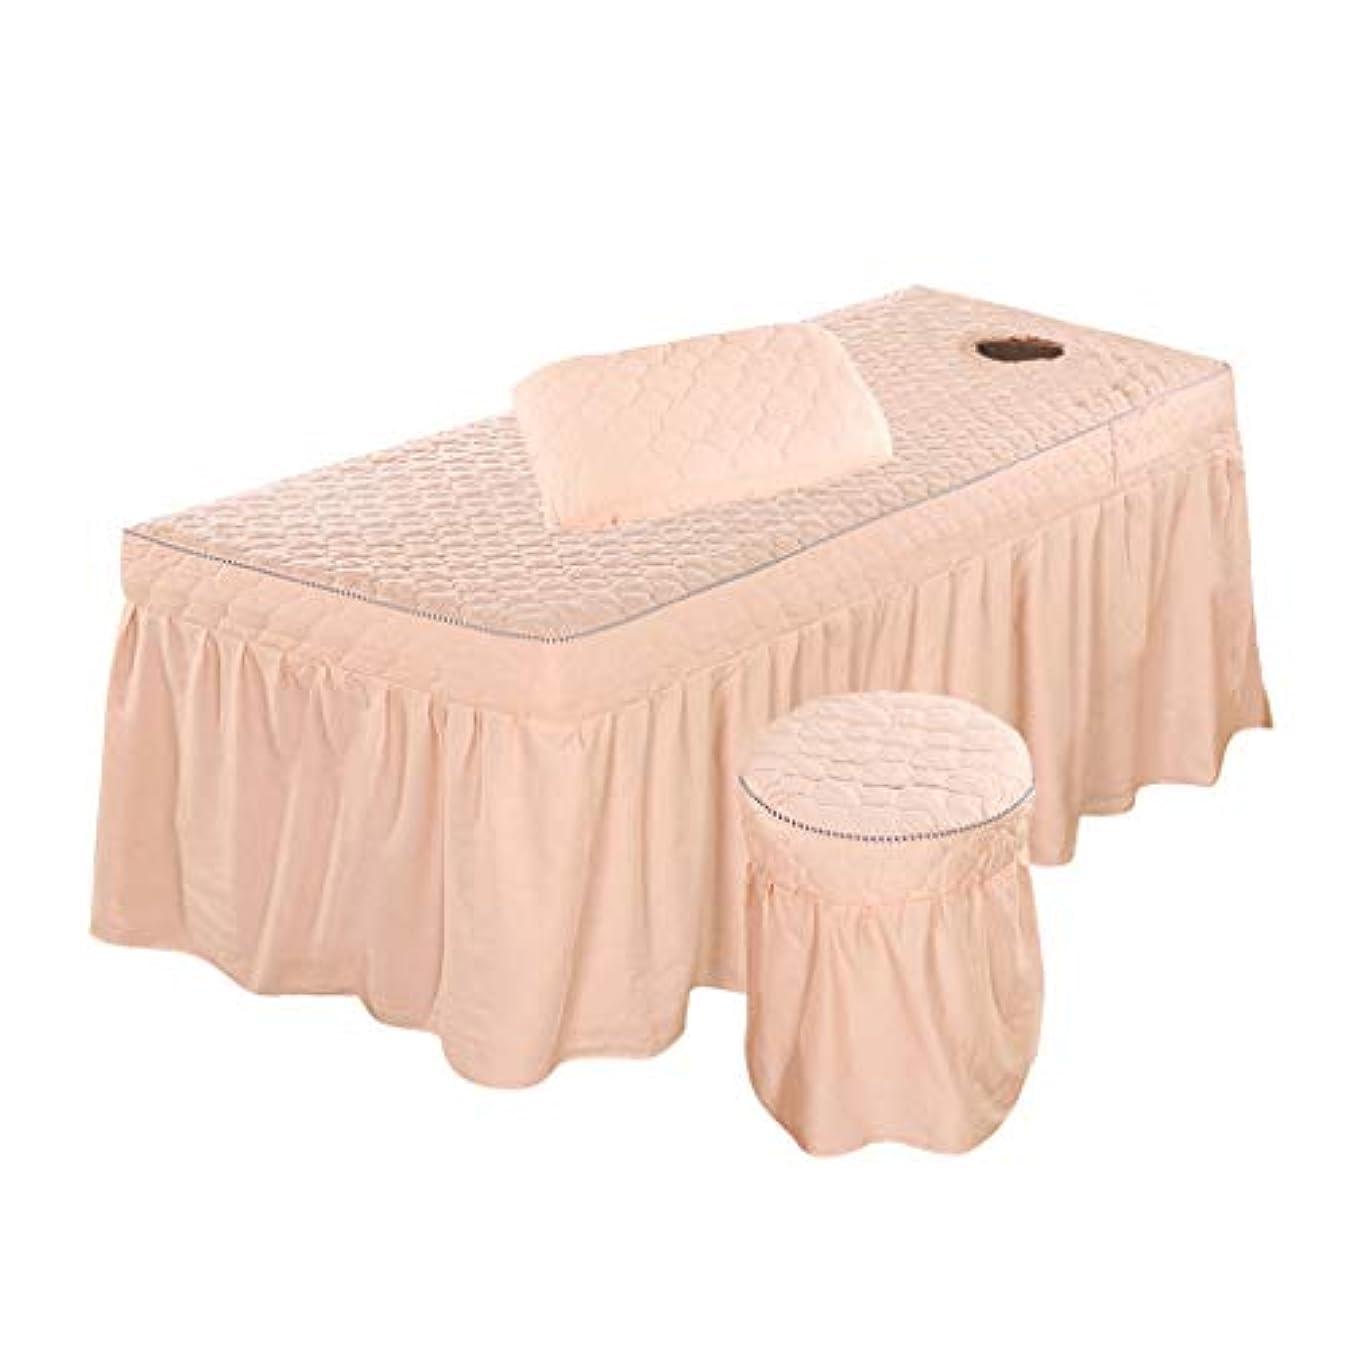 症候群スカーフ悲しみマッサージベッドカバー 有孔 スツールカバー 枕カバー 快適 3個/セット - ライトピンク